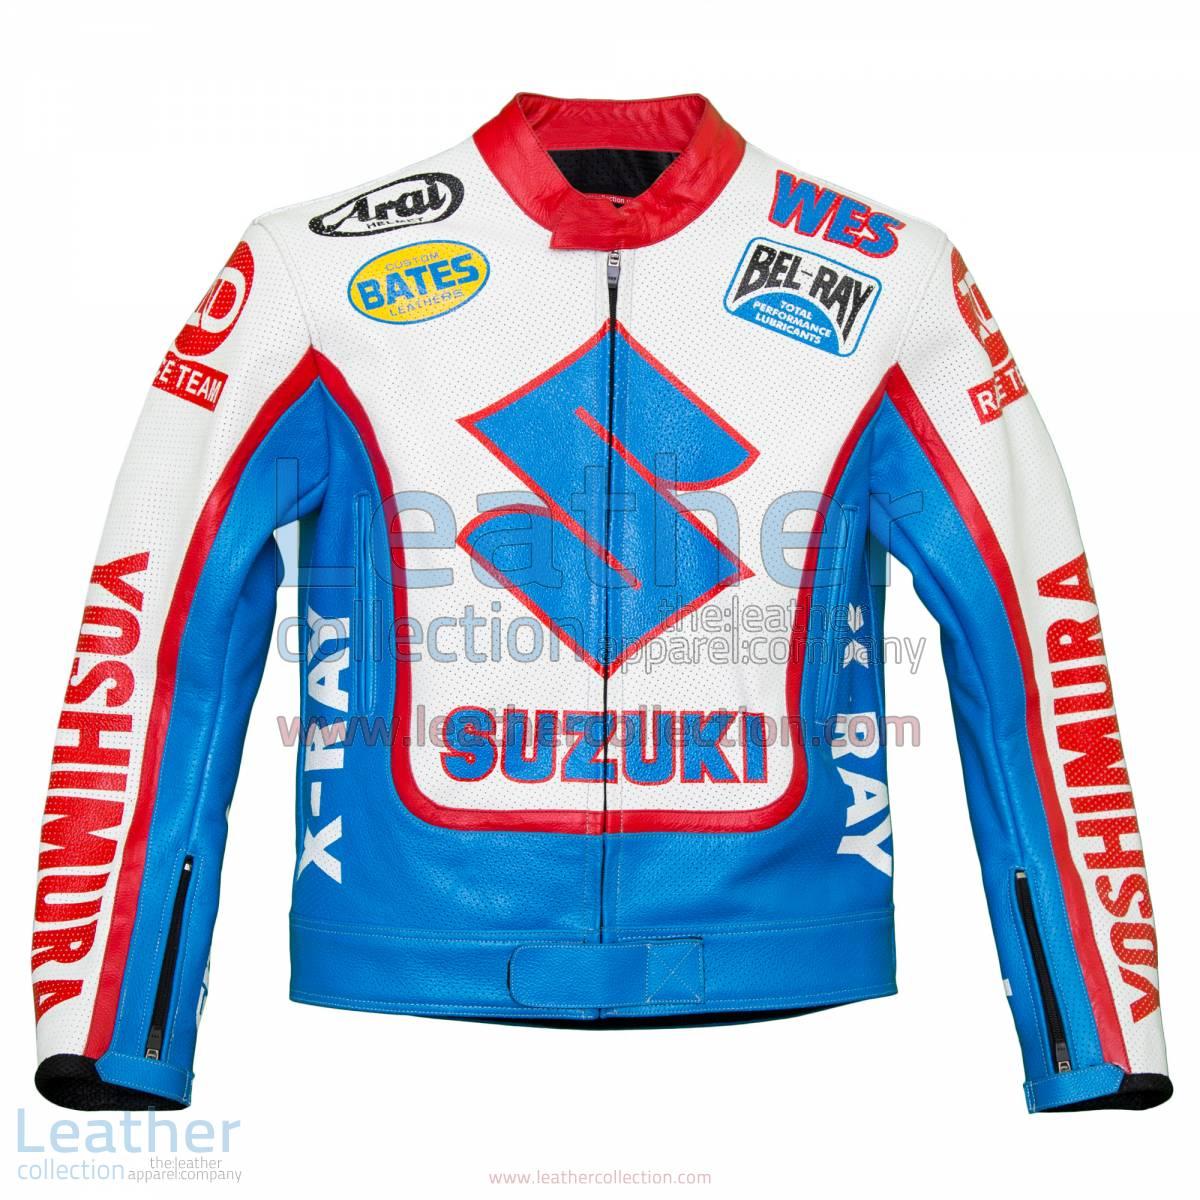 Wes Cooley Yoshimura Suzuki AMA Race Jacket | Suzuki race jacket,Wes Cooley Yoshimura Suzuki AMA race jacket